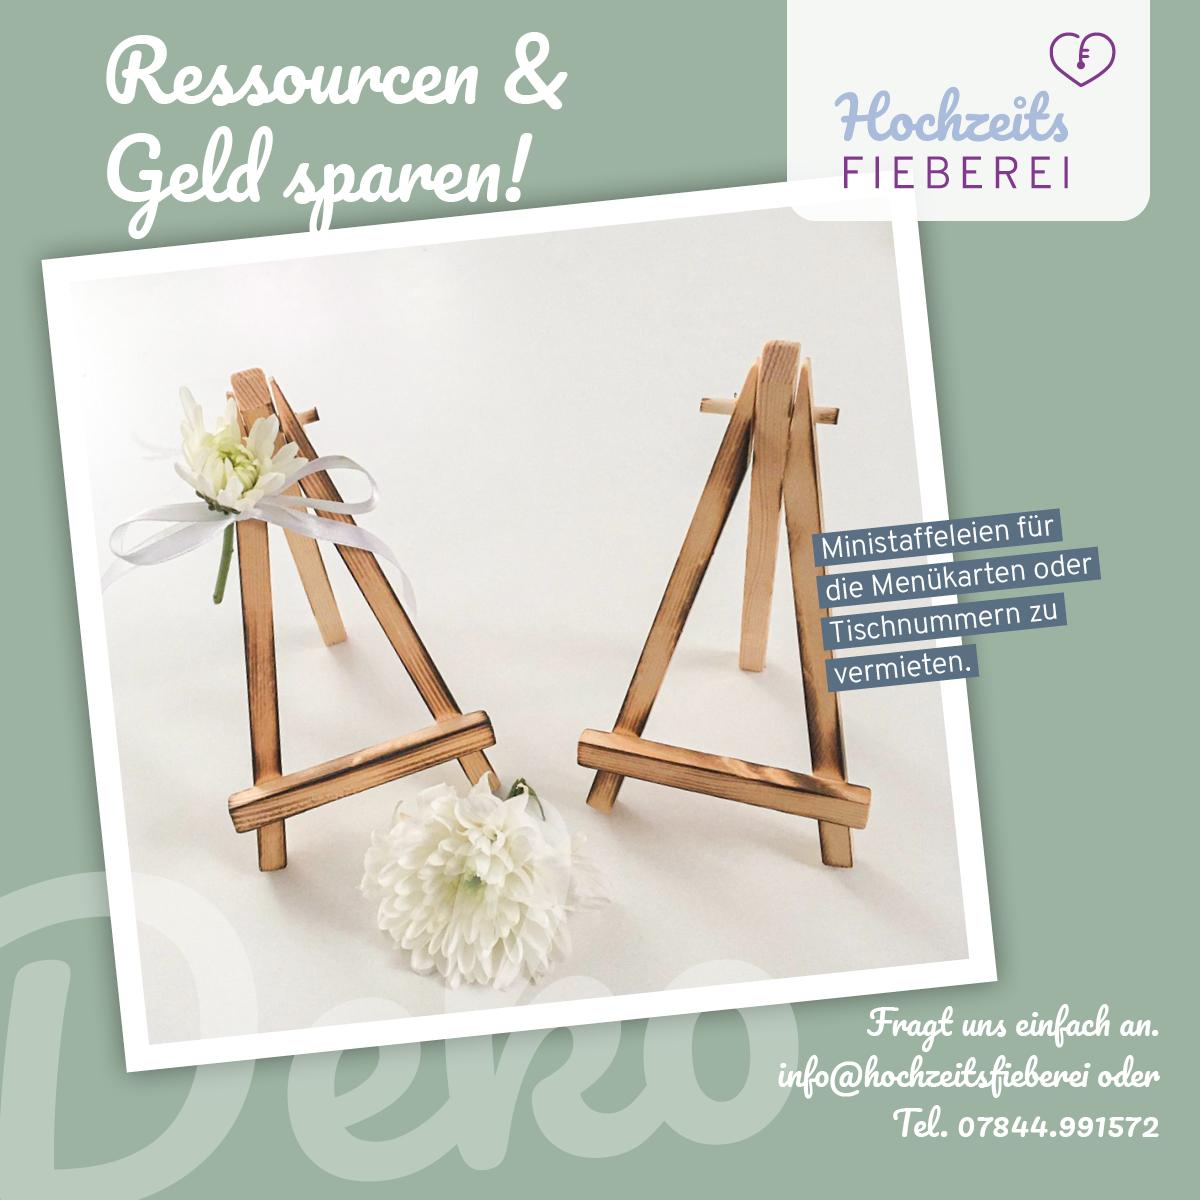 Mini Staffeleien aus Holz für Menükarten